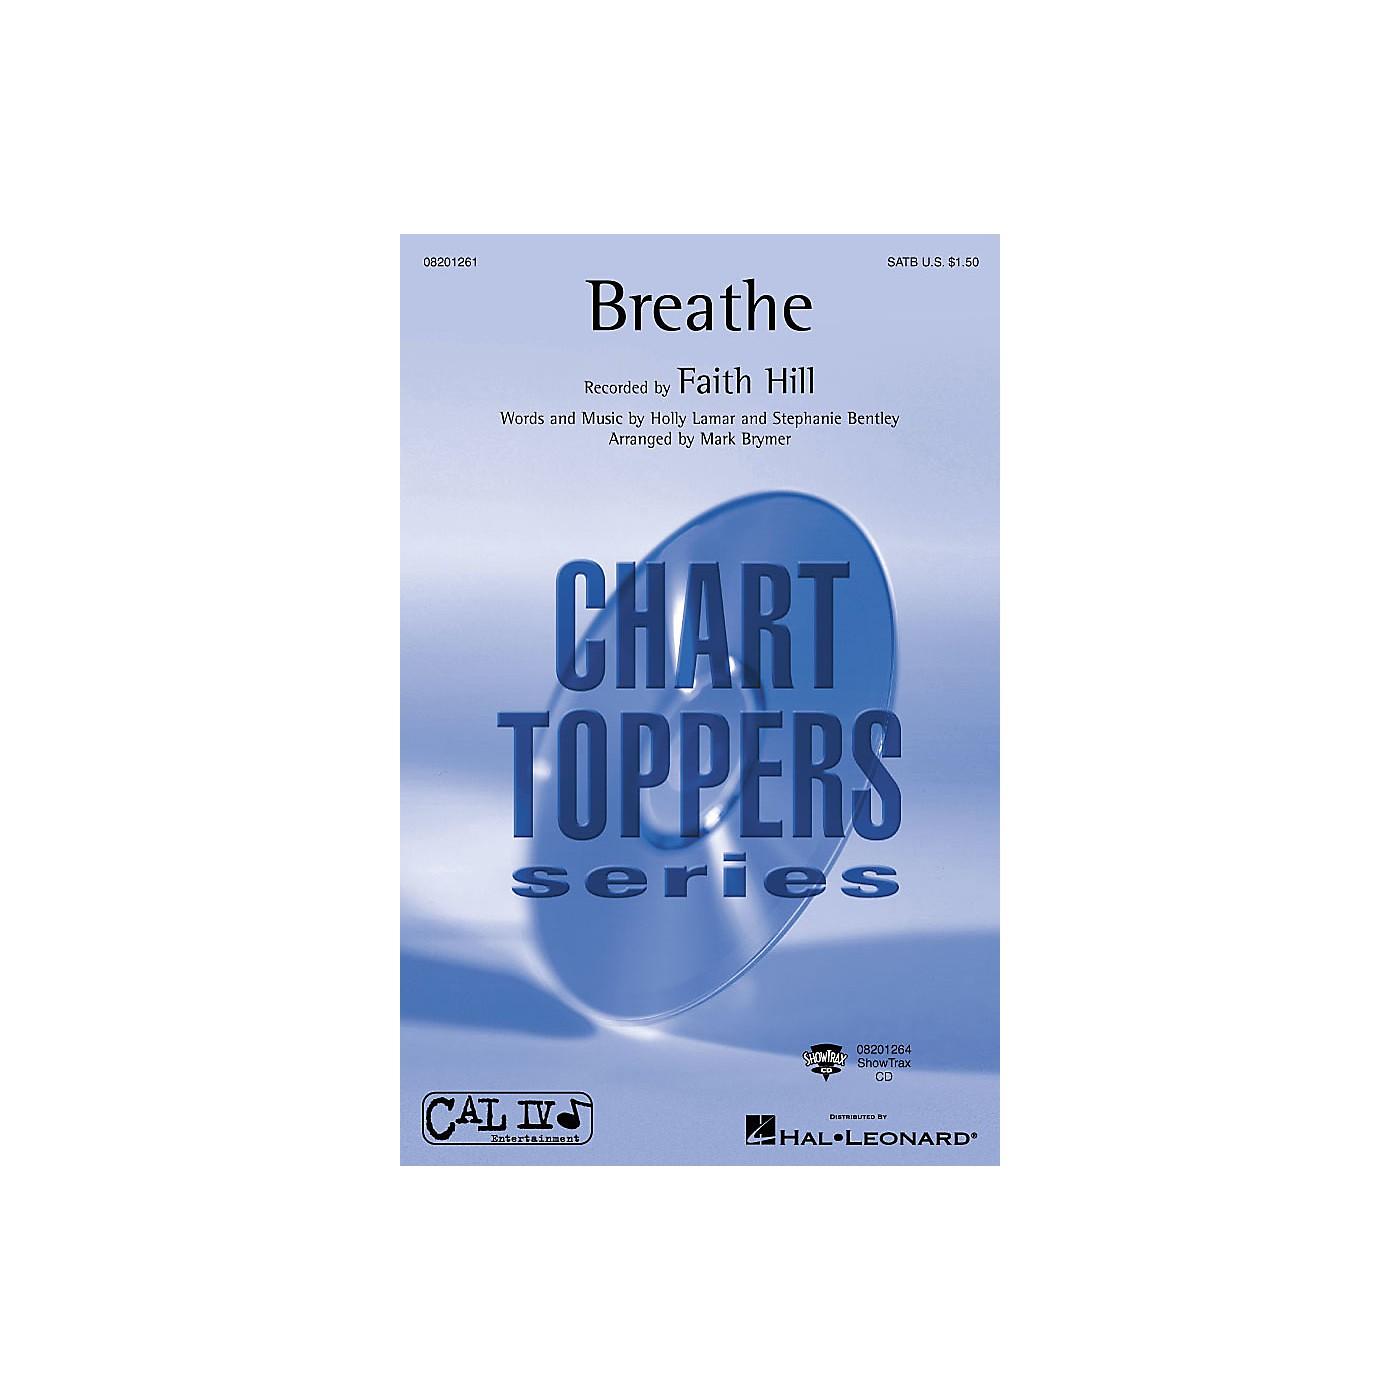 Hal Leonard Breathe ShowTrax CD by Faith Hill Arranged by Mark Brymer thumbnail